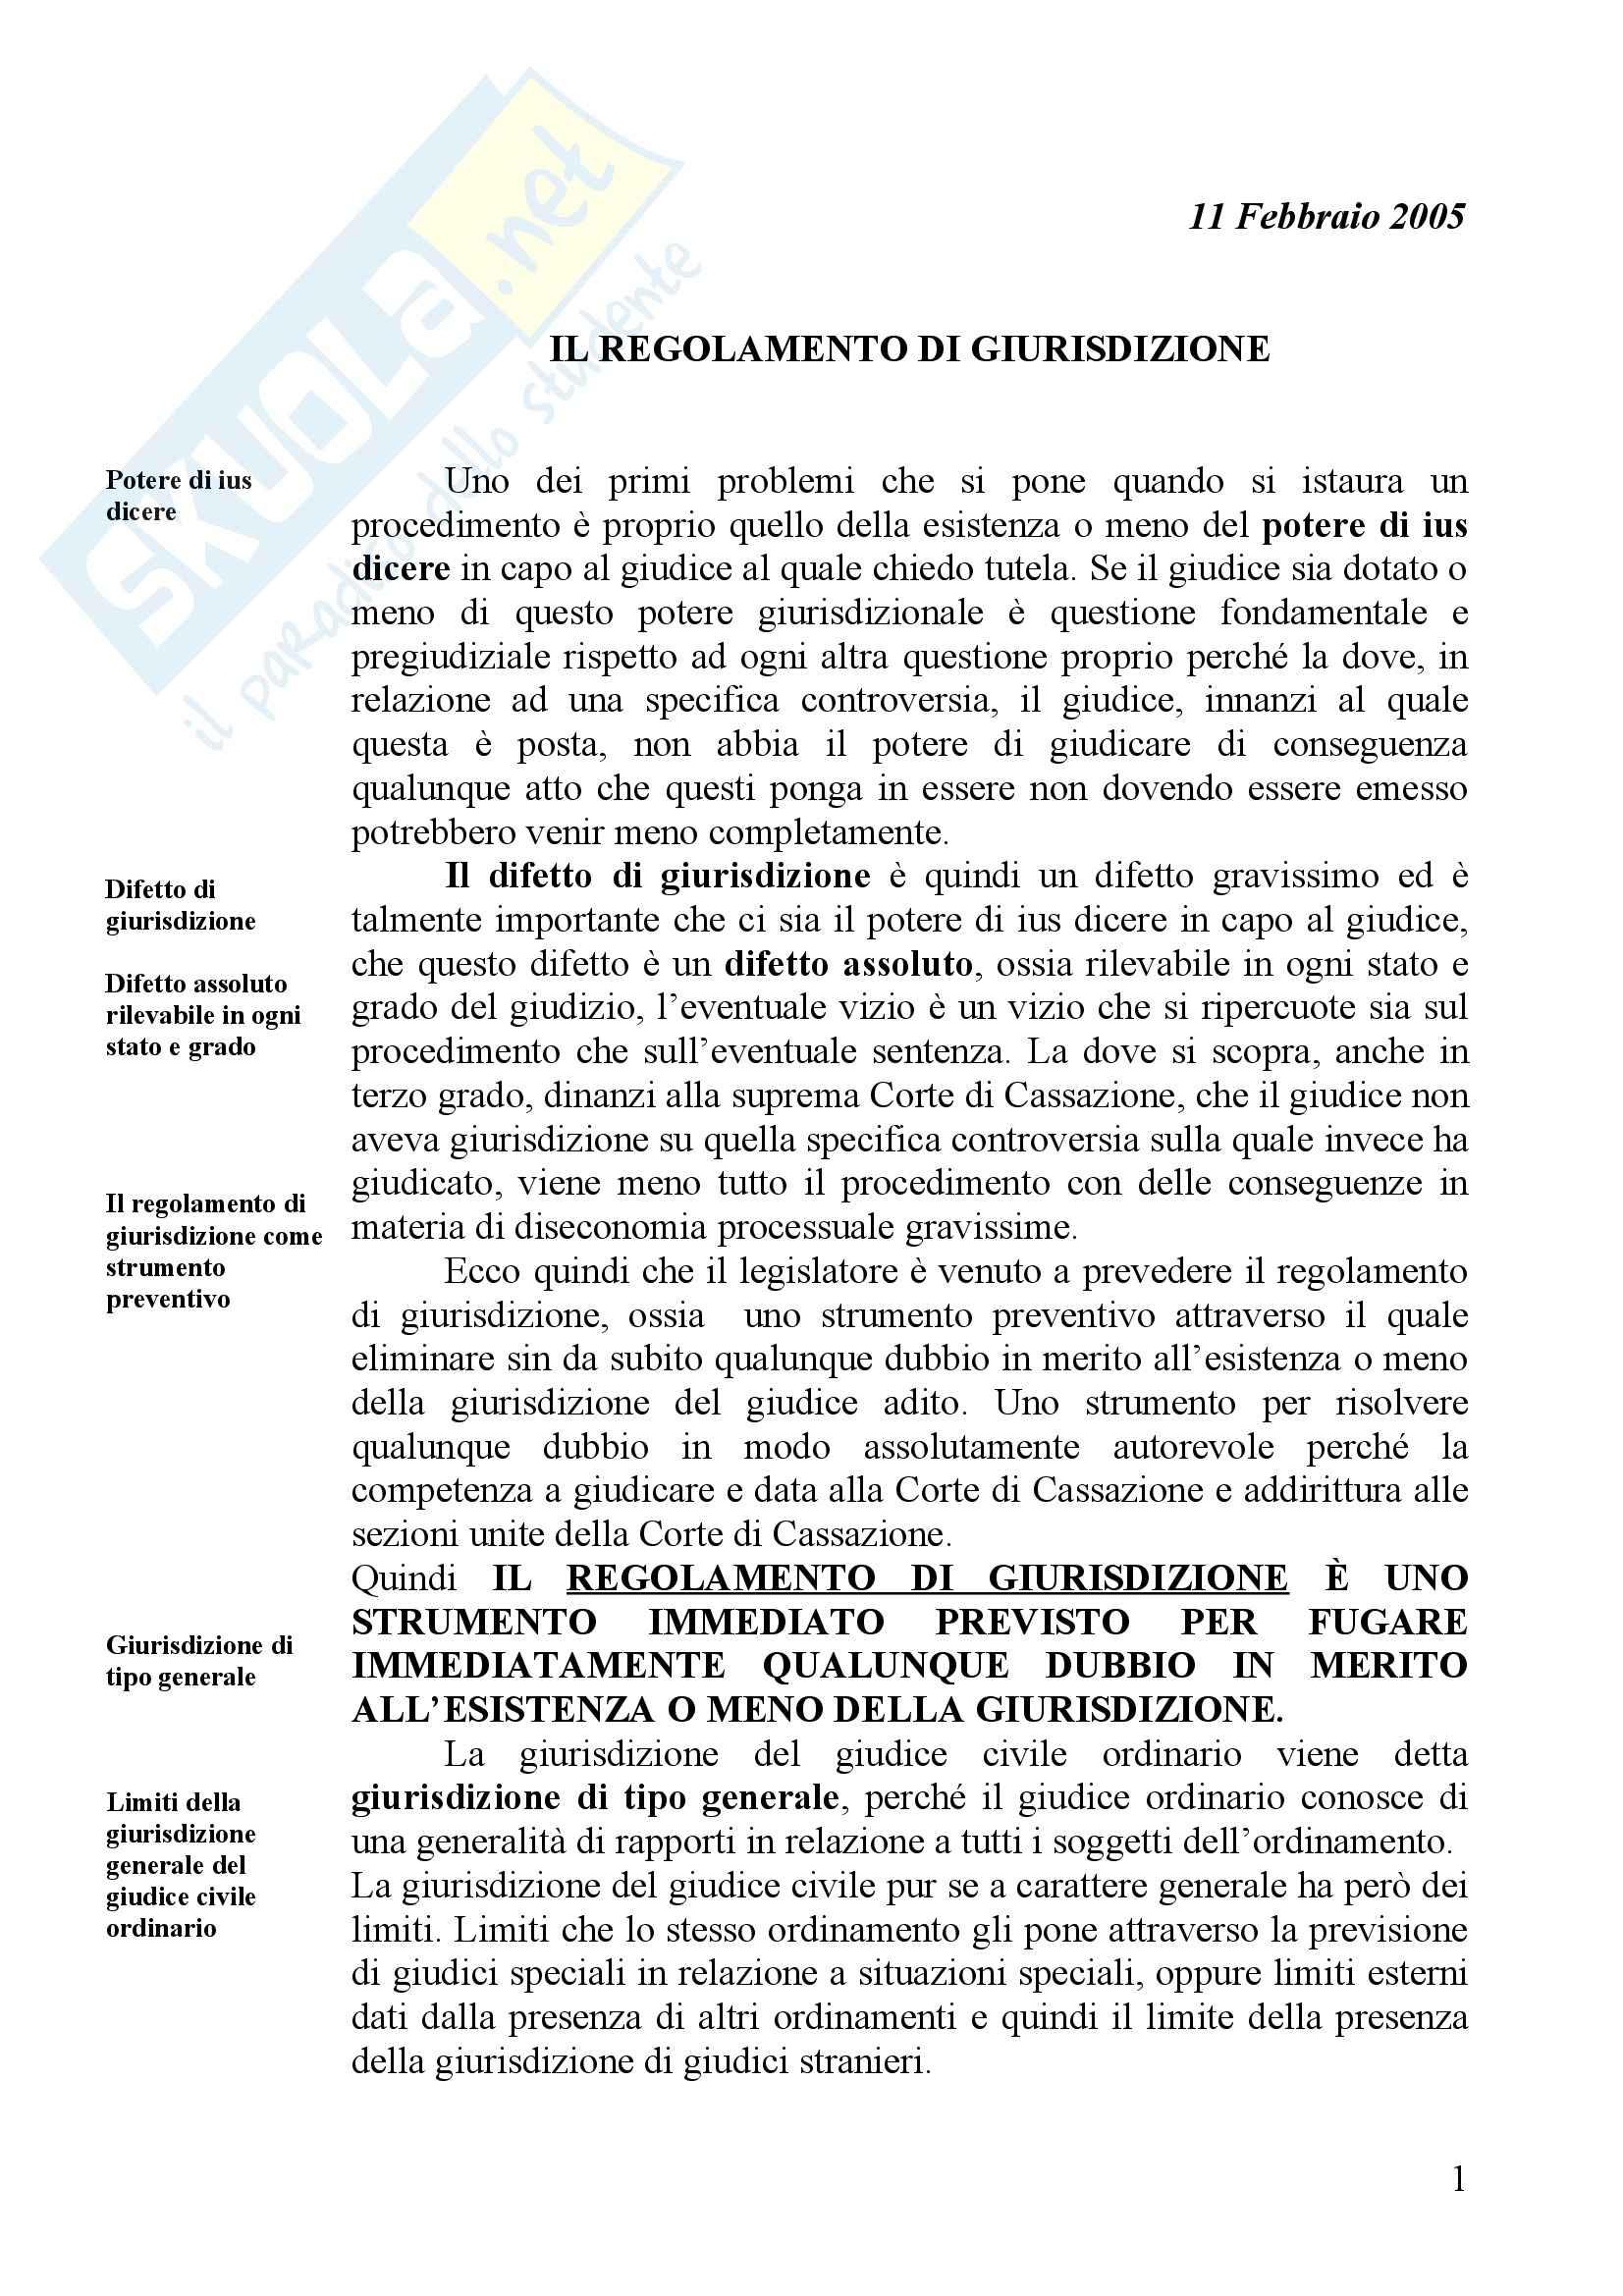 Diritto processuale civile - Regolamento di giurisdizione